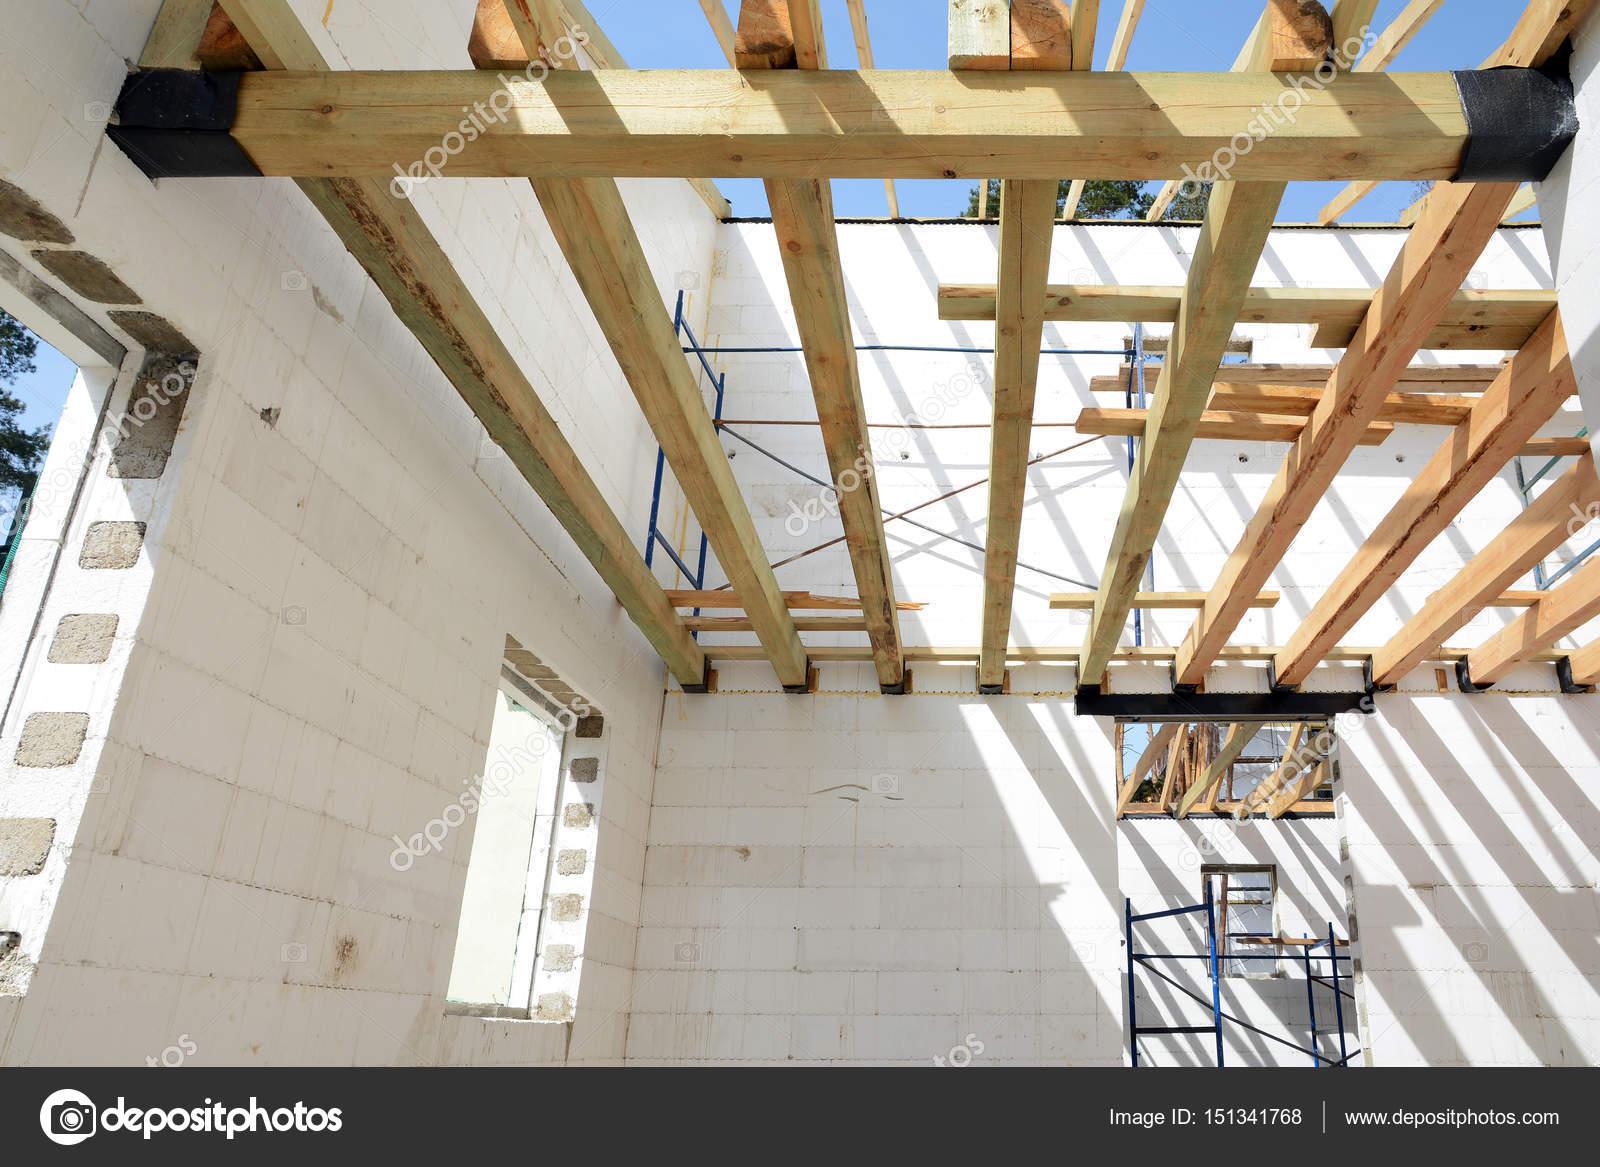 Image of estructuras de madera para techos de casas dise o - Estructuras de madera para techos ...